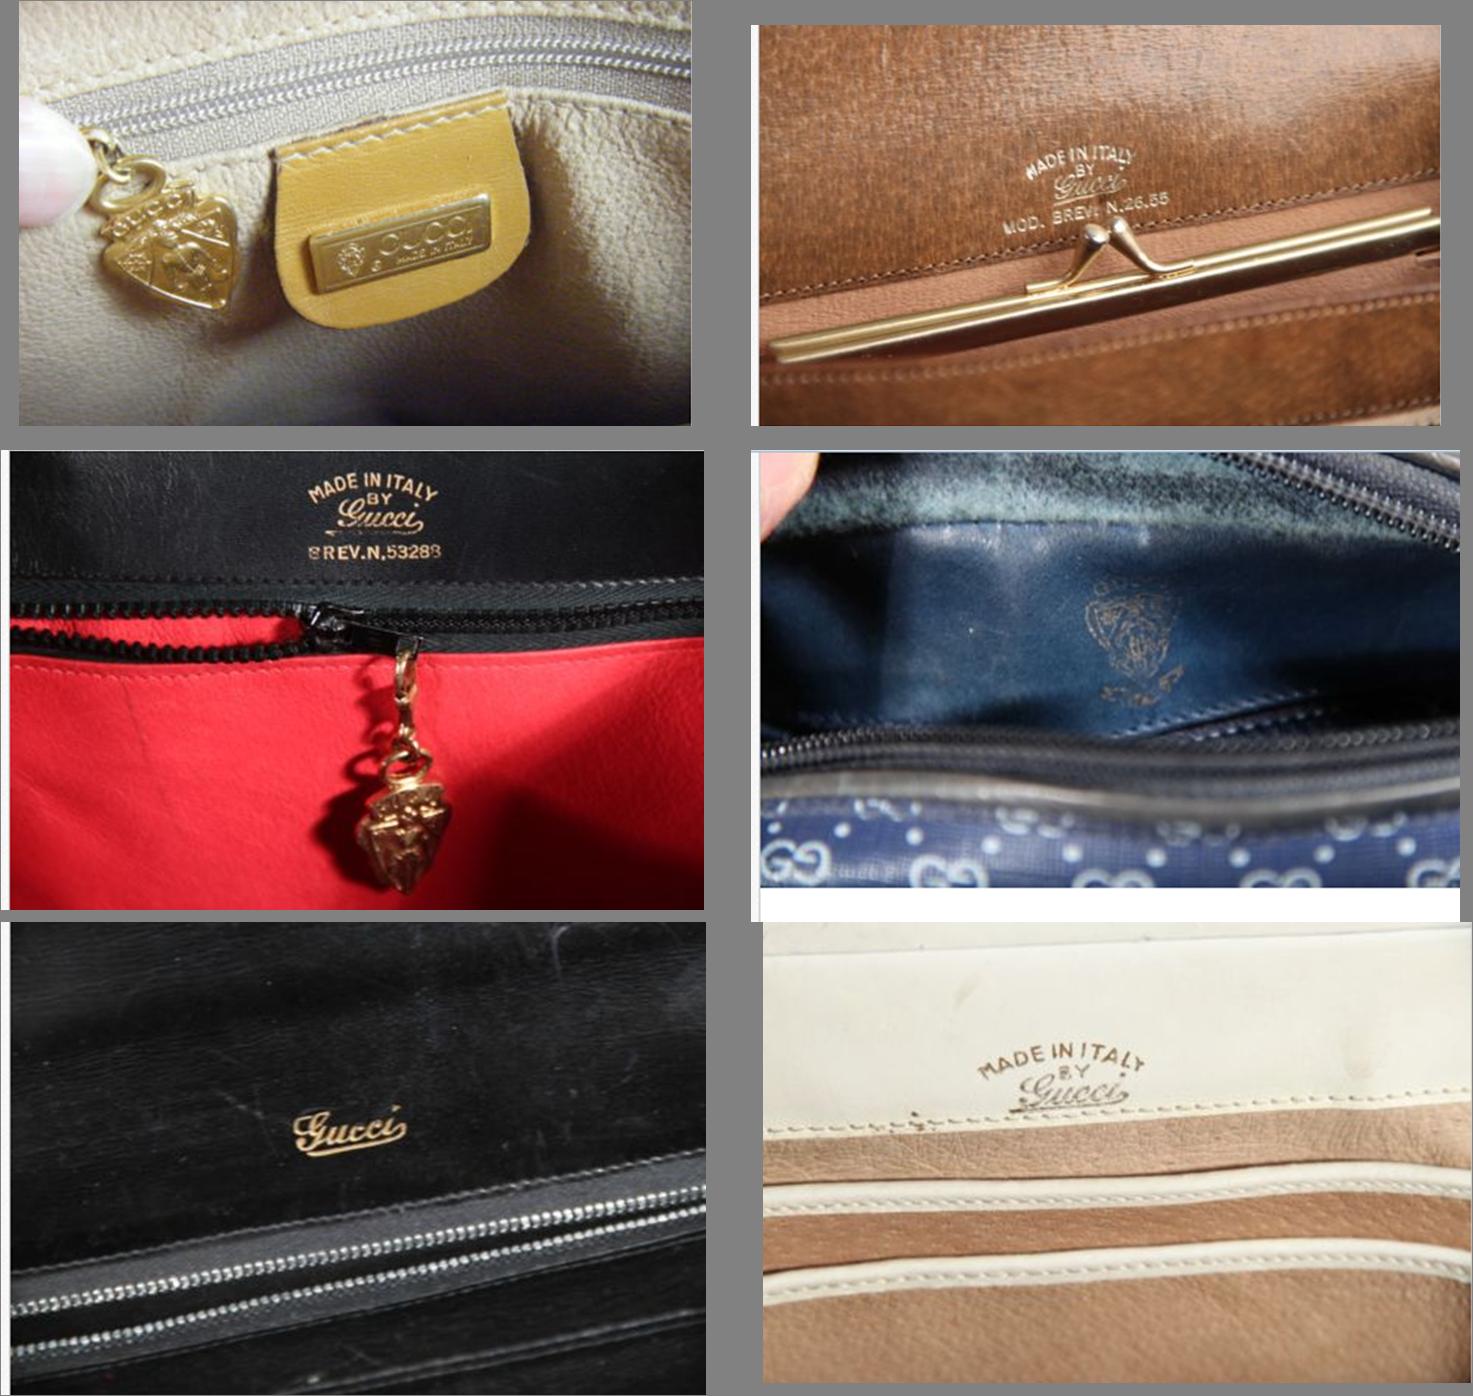 Collezionando borse vintage e borse iconiche – part  3 – Gucci ... b72a9d62e00